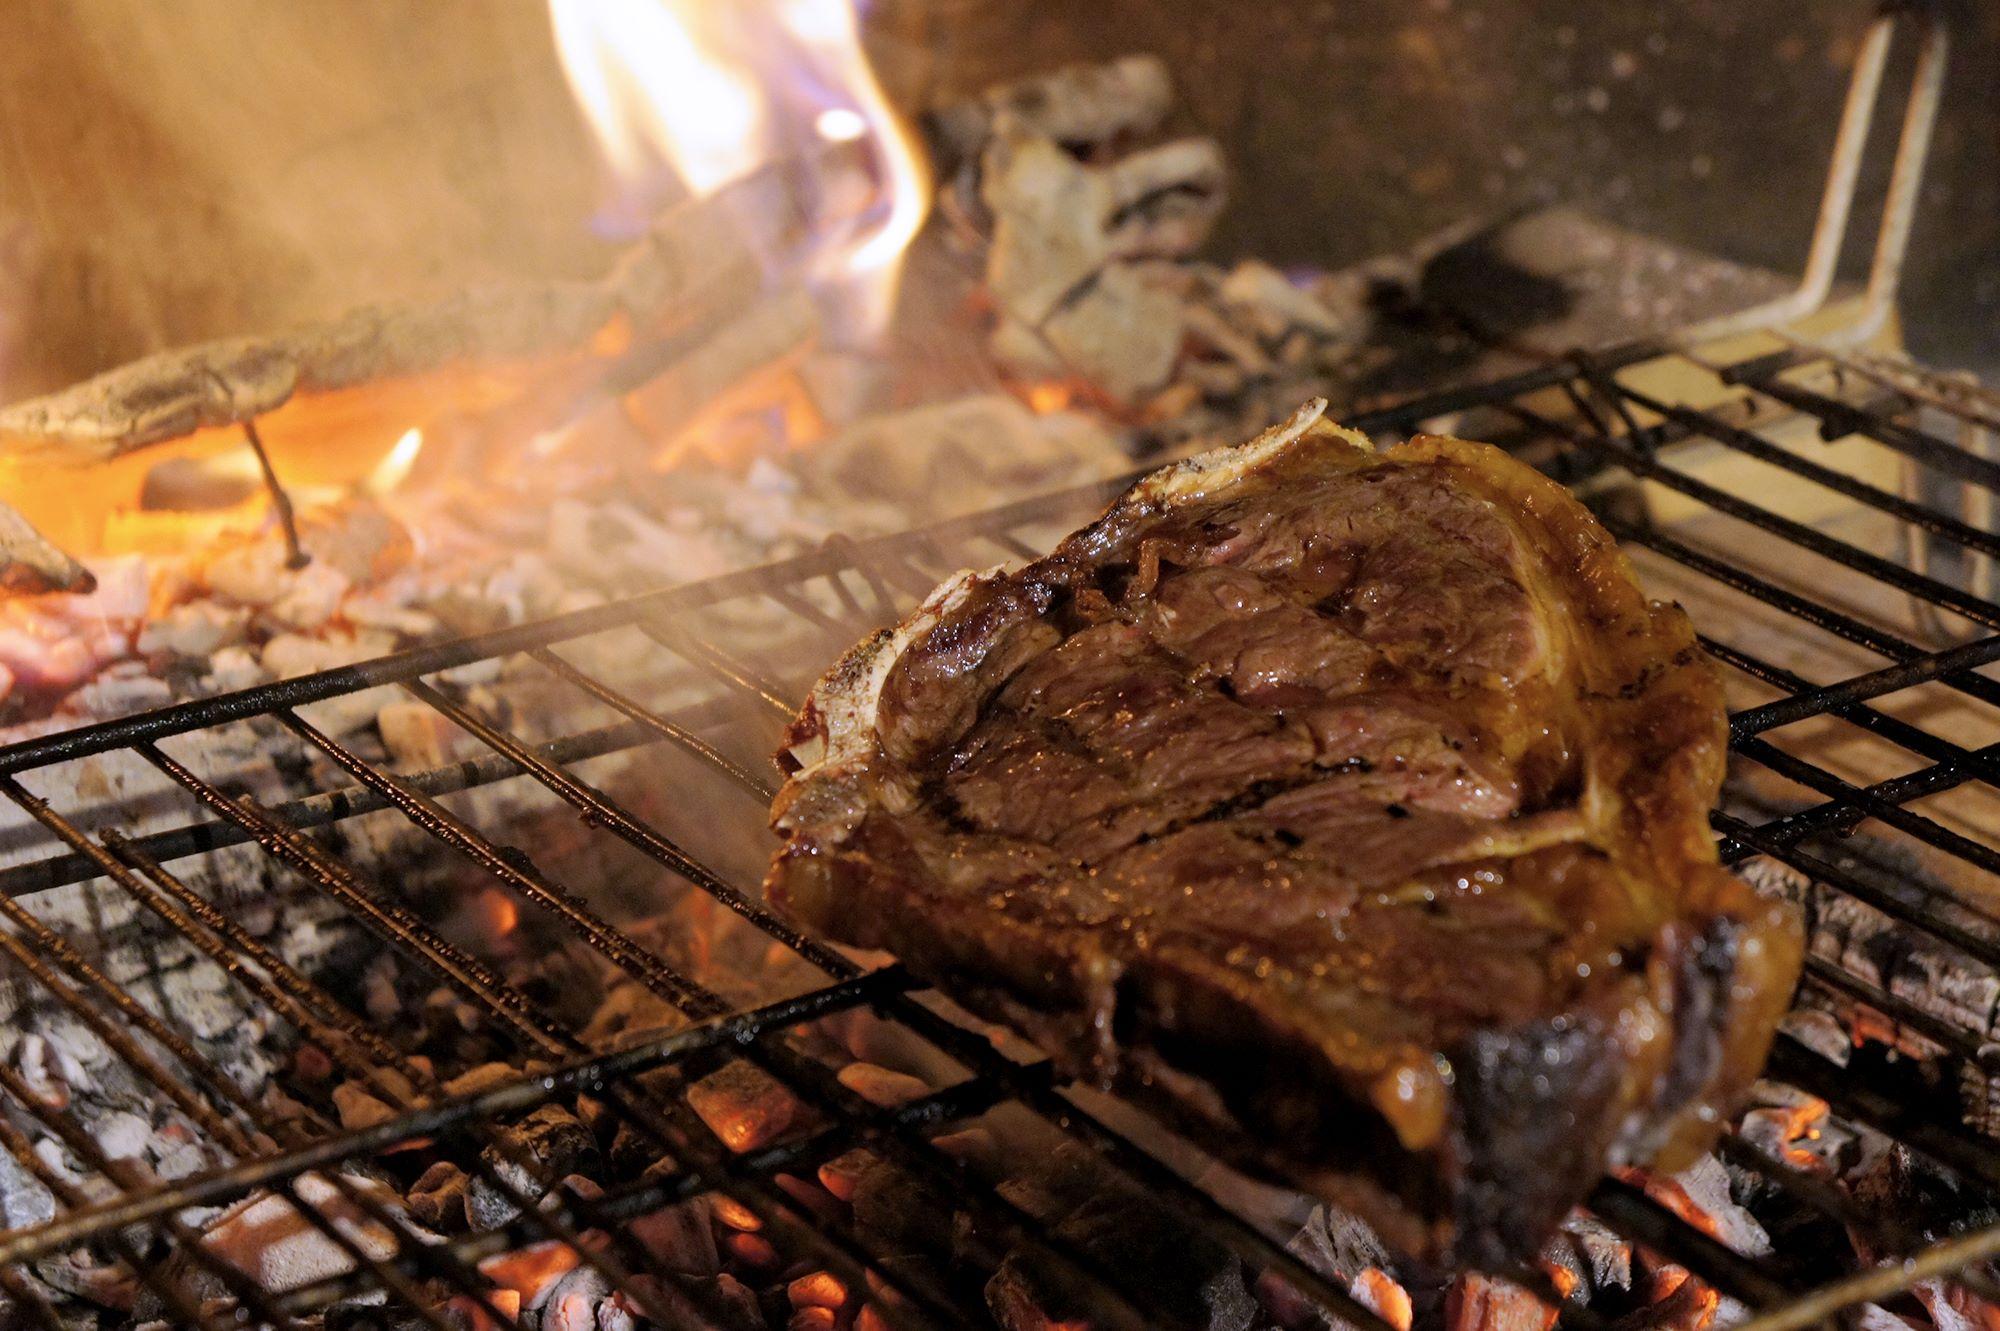 4 Recetas en Video de Platos tradicionales y 3 con los productos típicos más populares de la Provincia de Huesca